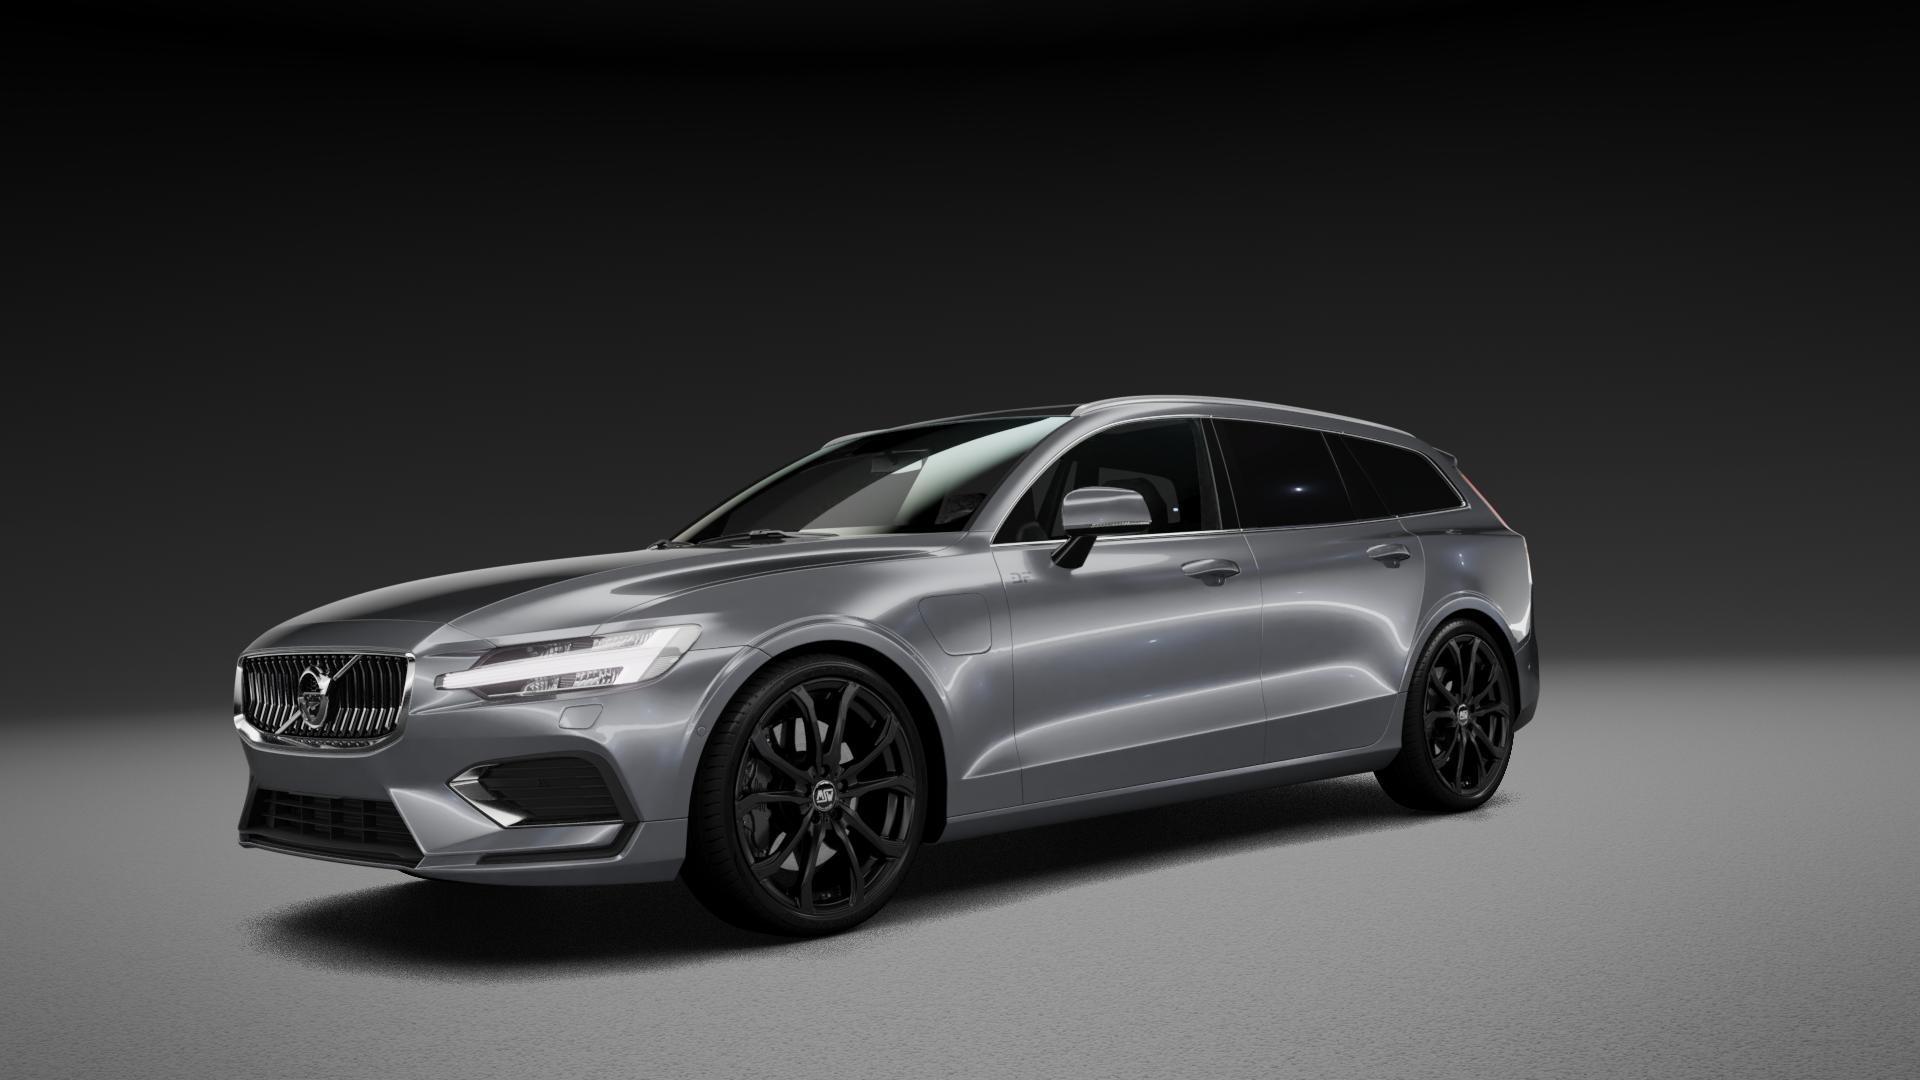 MSW 48 MATT BLACK Felge mit Reifen schwarz in 20Zoll Winterfelge Alufelge auf silbernem Volvo V60 Typ Z ⬇️ mit 15mm Tieferlegung ⬇️ Neutral_mid_max5300mm Frontansicht_1